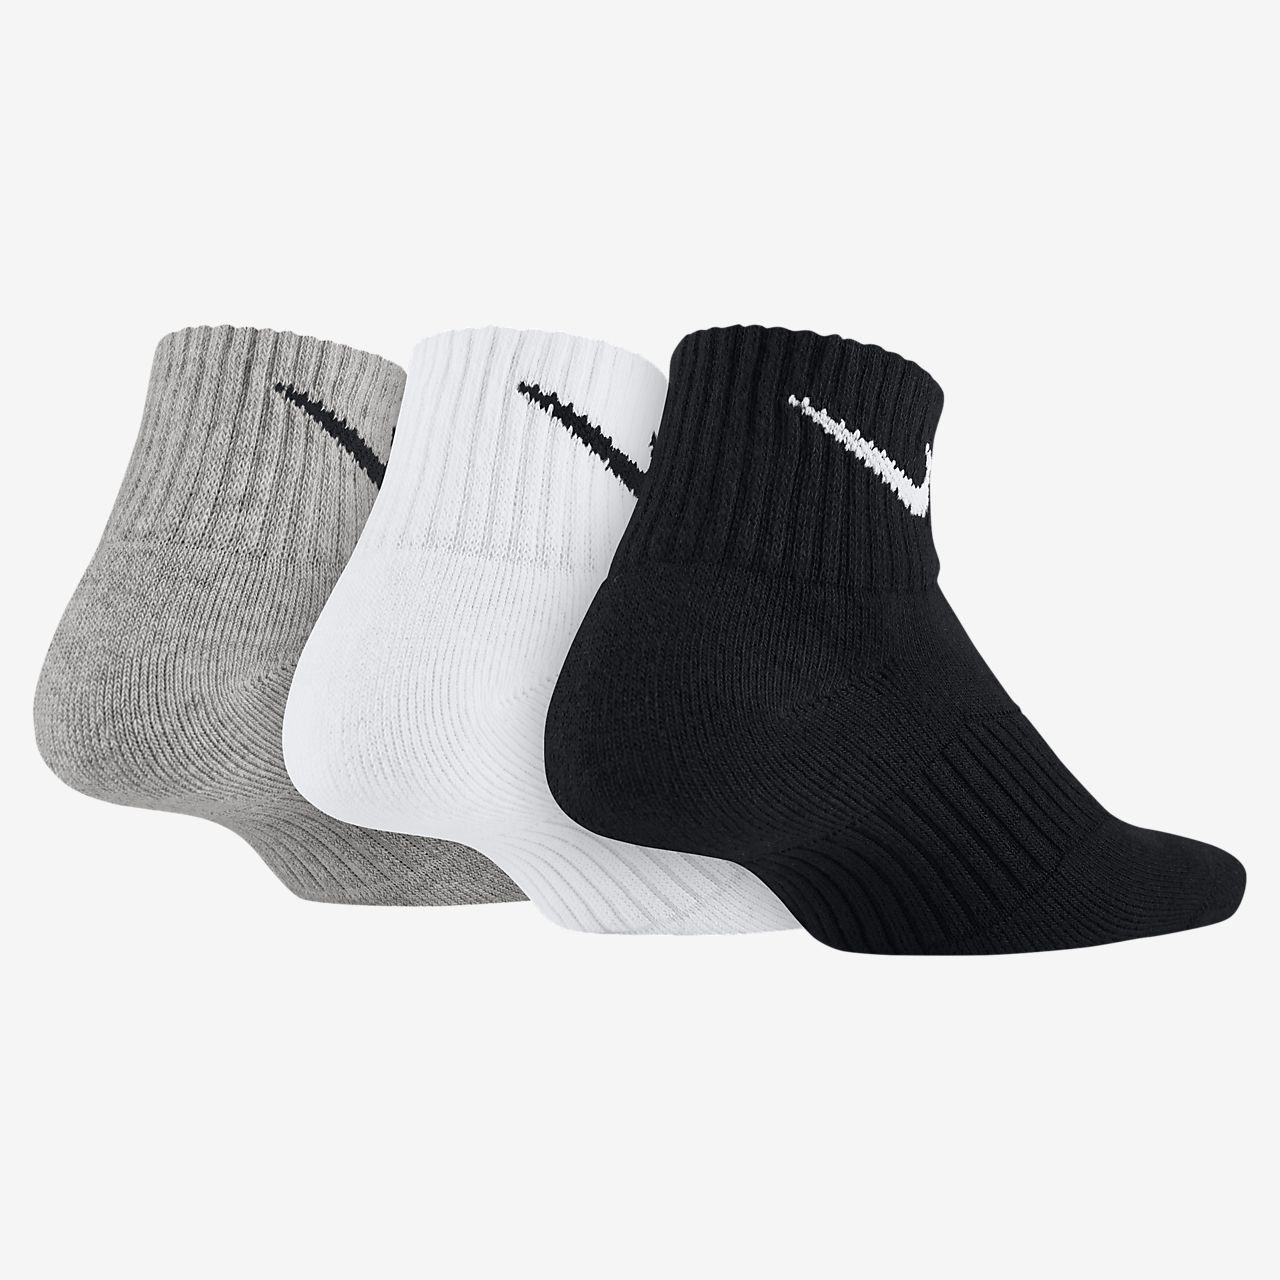 4383e73e3703 Nike Cotton Cushion Quarter Socks (3 Pair). Nike.com GB